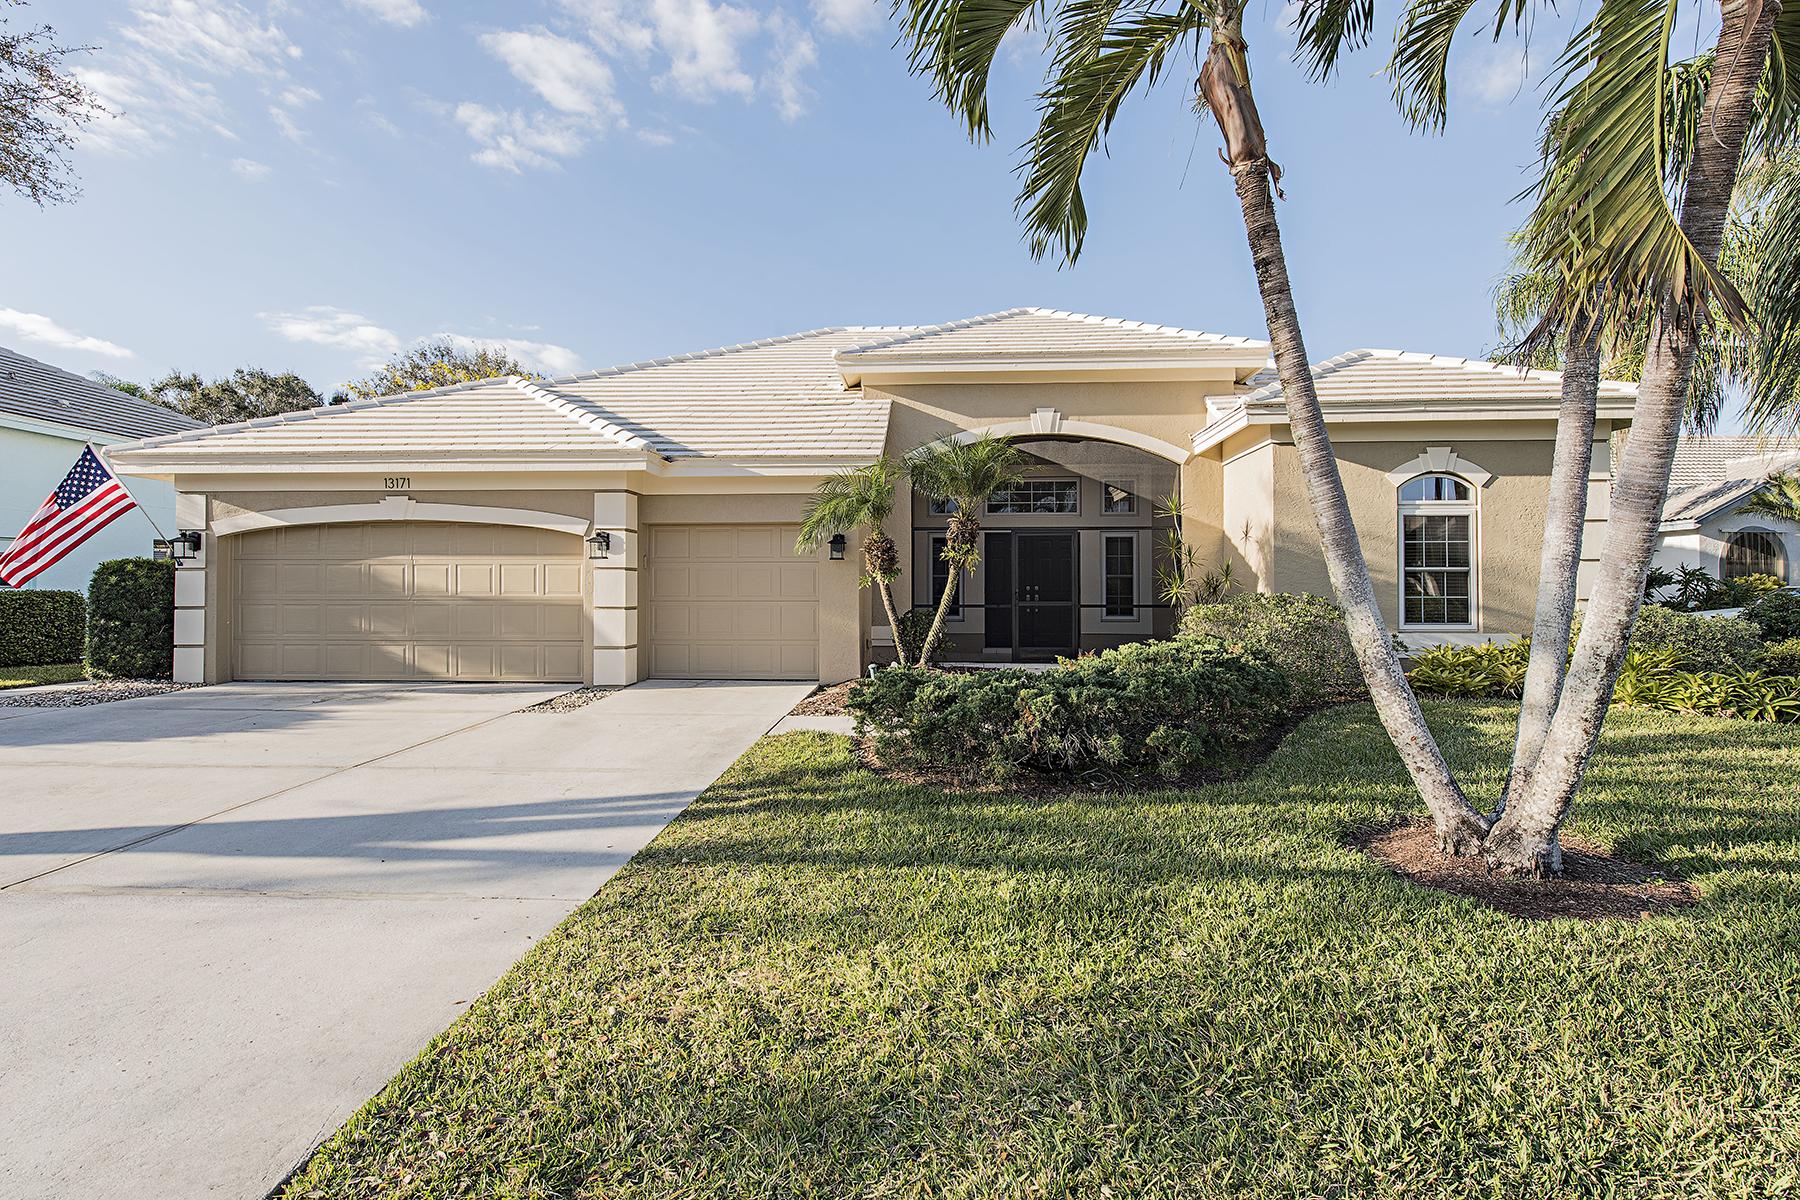 Casa Unifamiliar por un Venta en WORTHINGTON 13171 Bridgeford Ave Bonita Springs, Florida, 34135 Estados Unidos